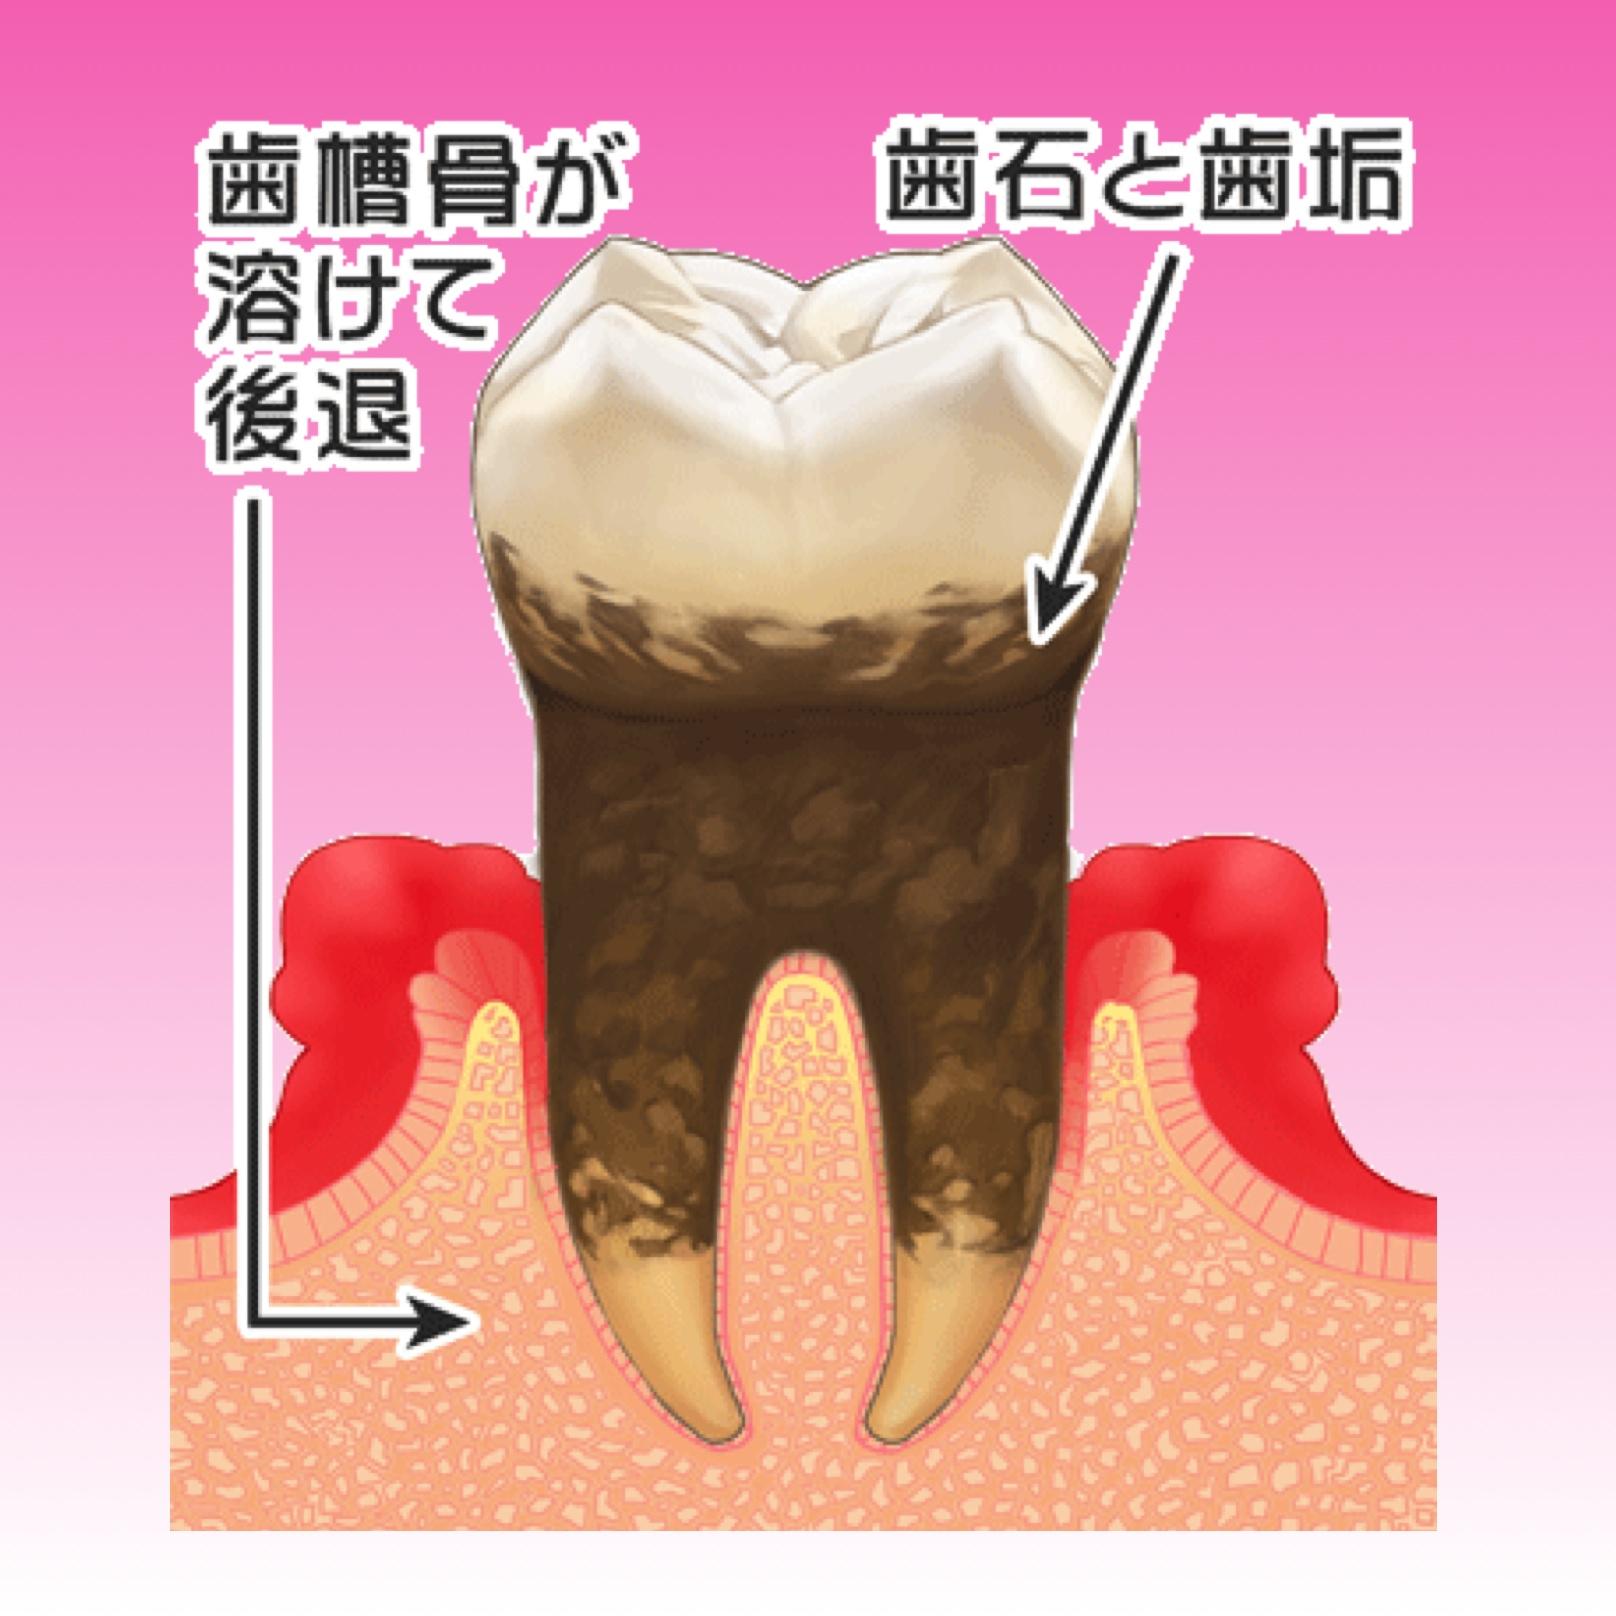 歯周病の進み方と治療について 〜中等度歯周炎〜